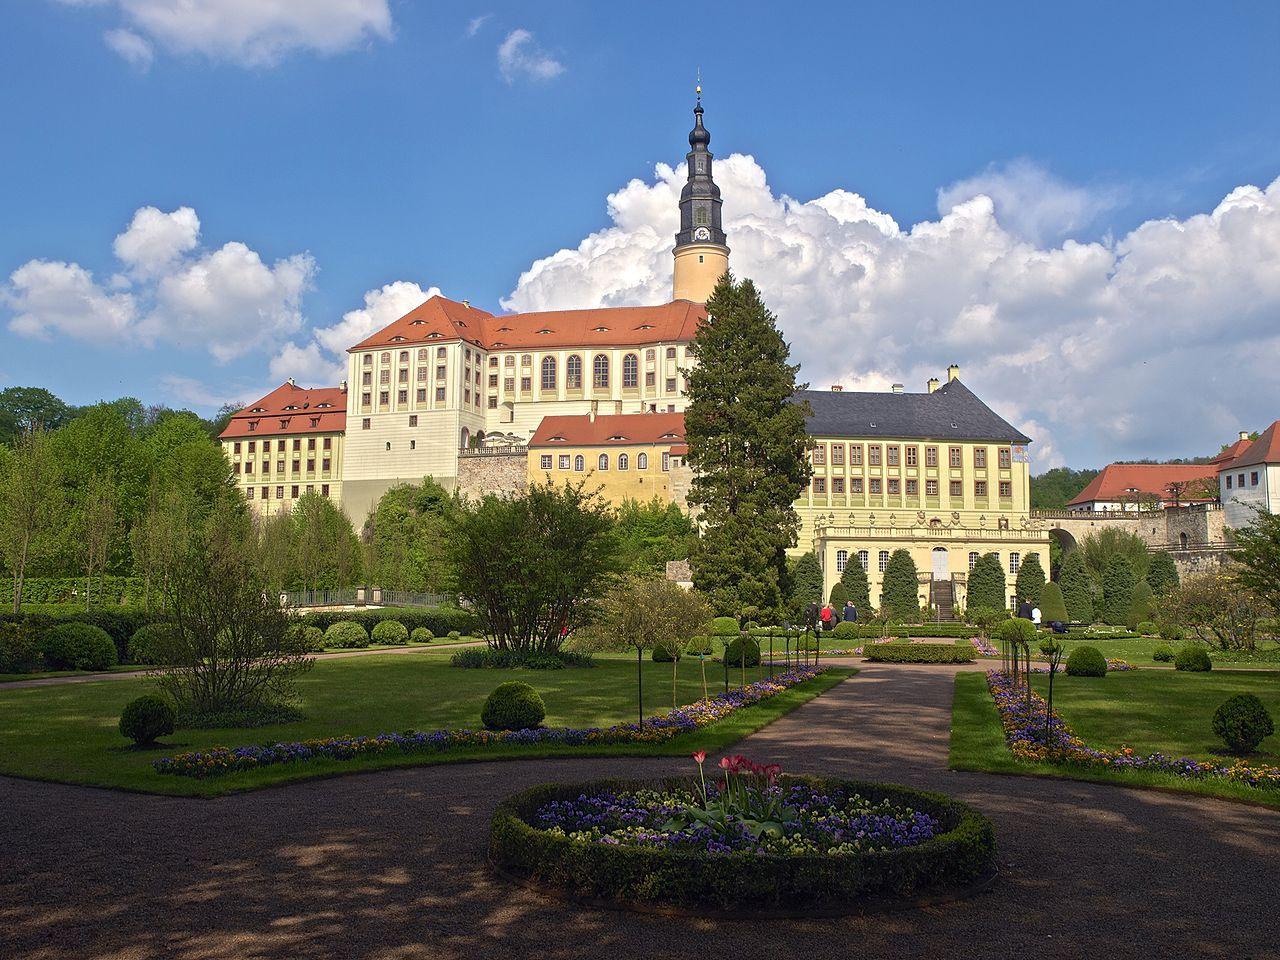 Bild Schloss Weesenstein Müglitztal